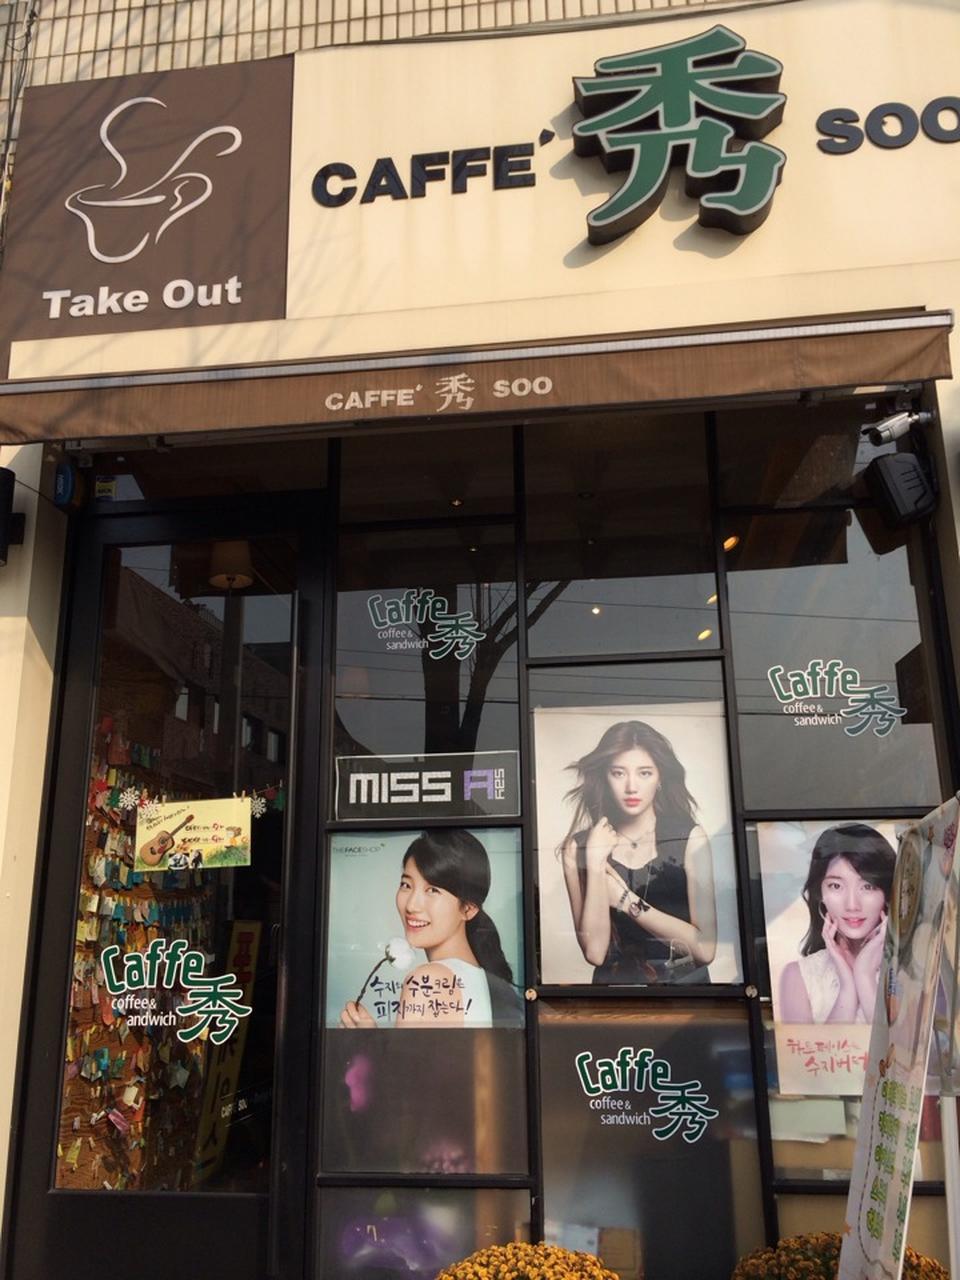 Cafe Soo